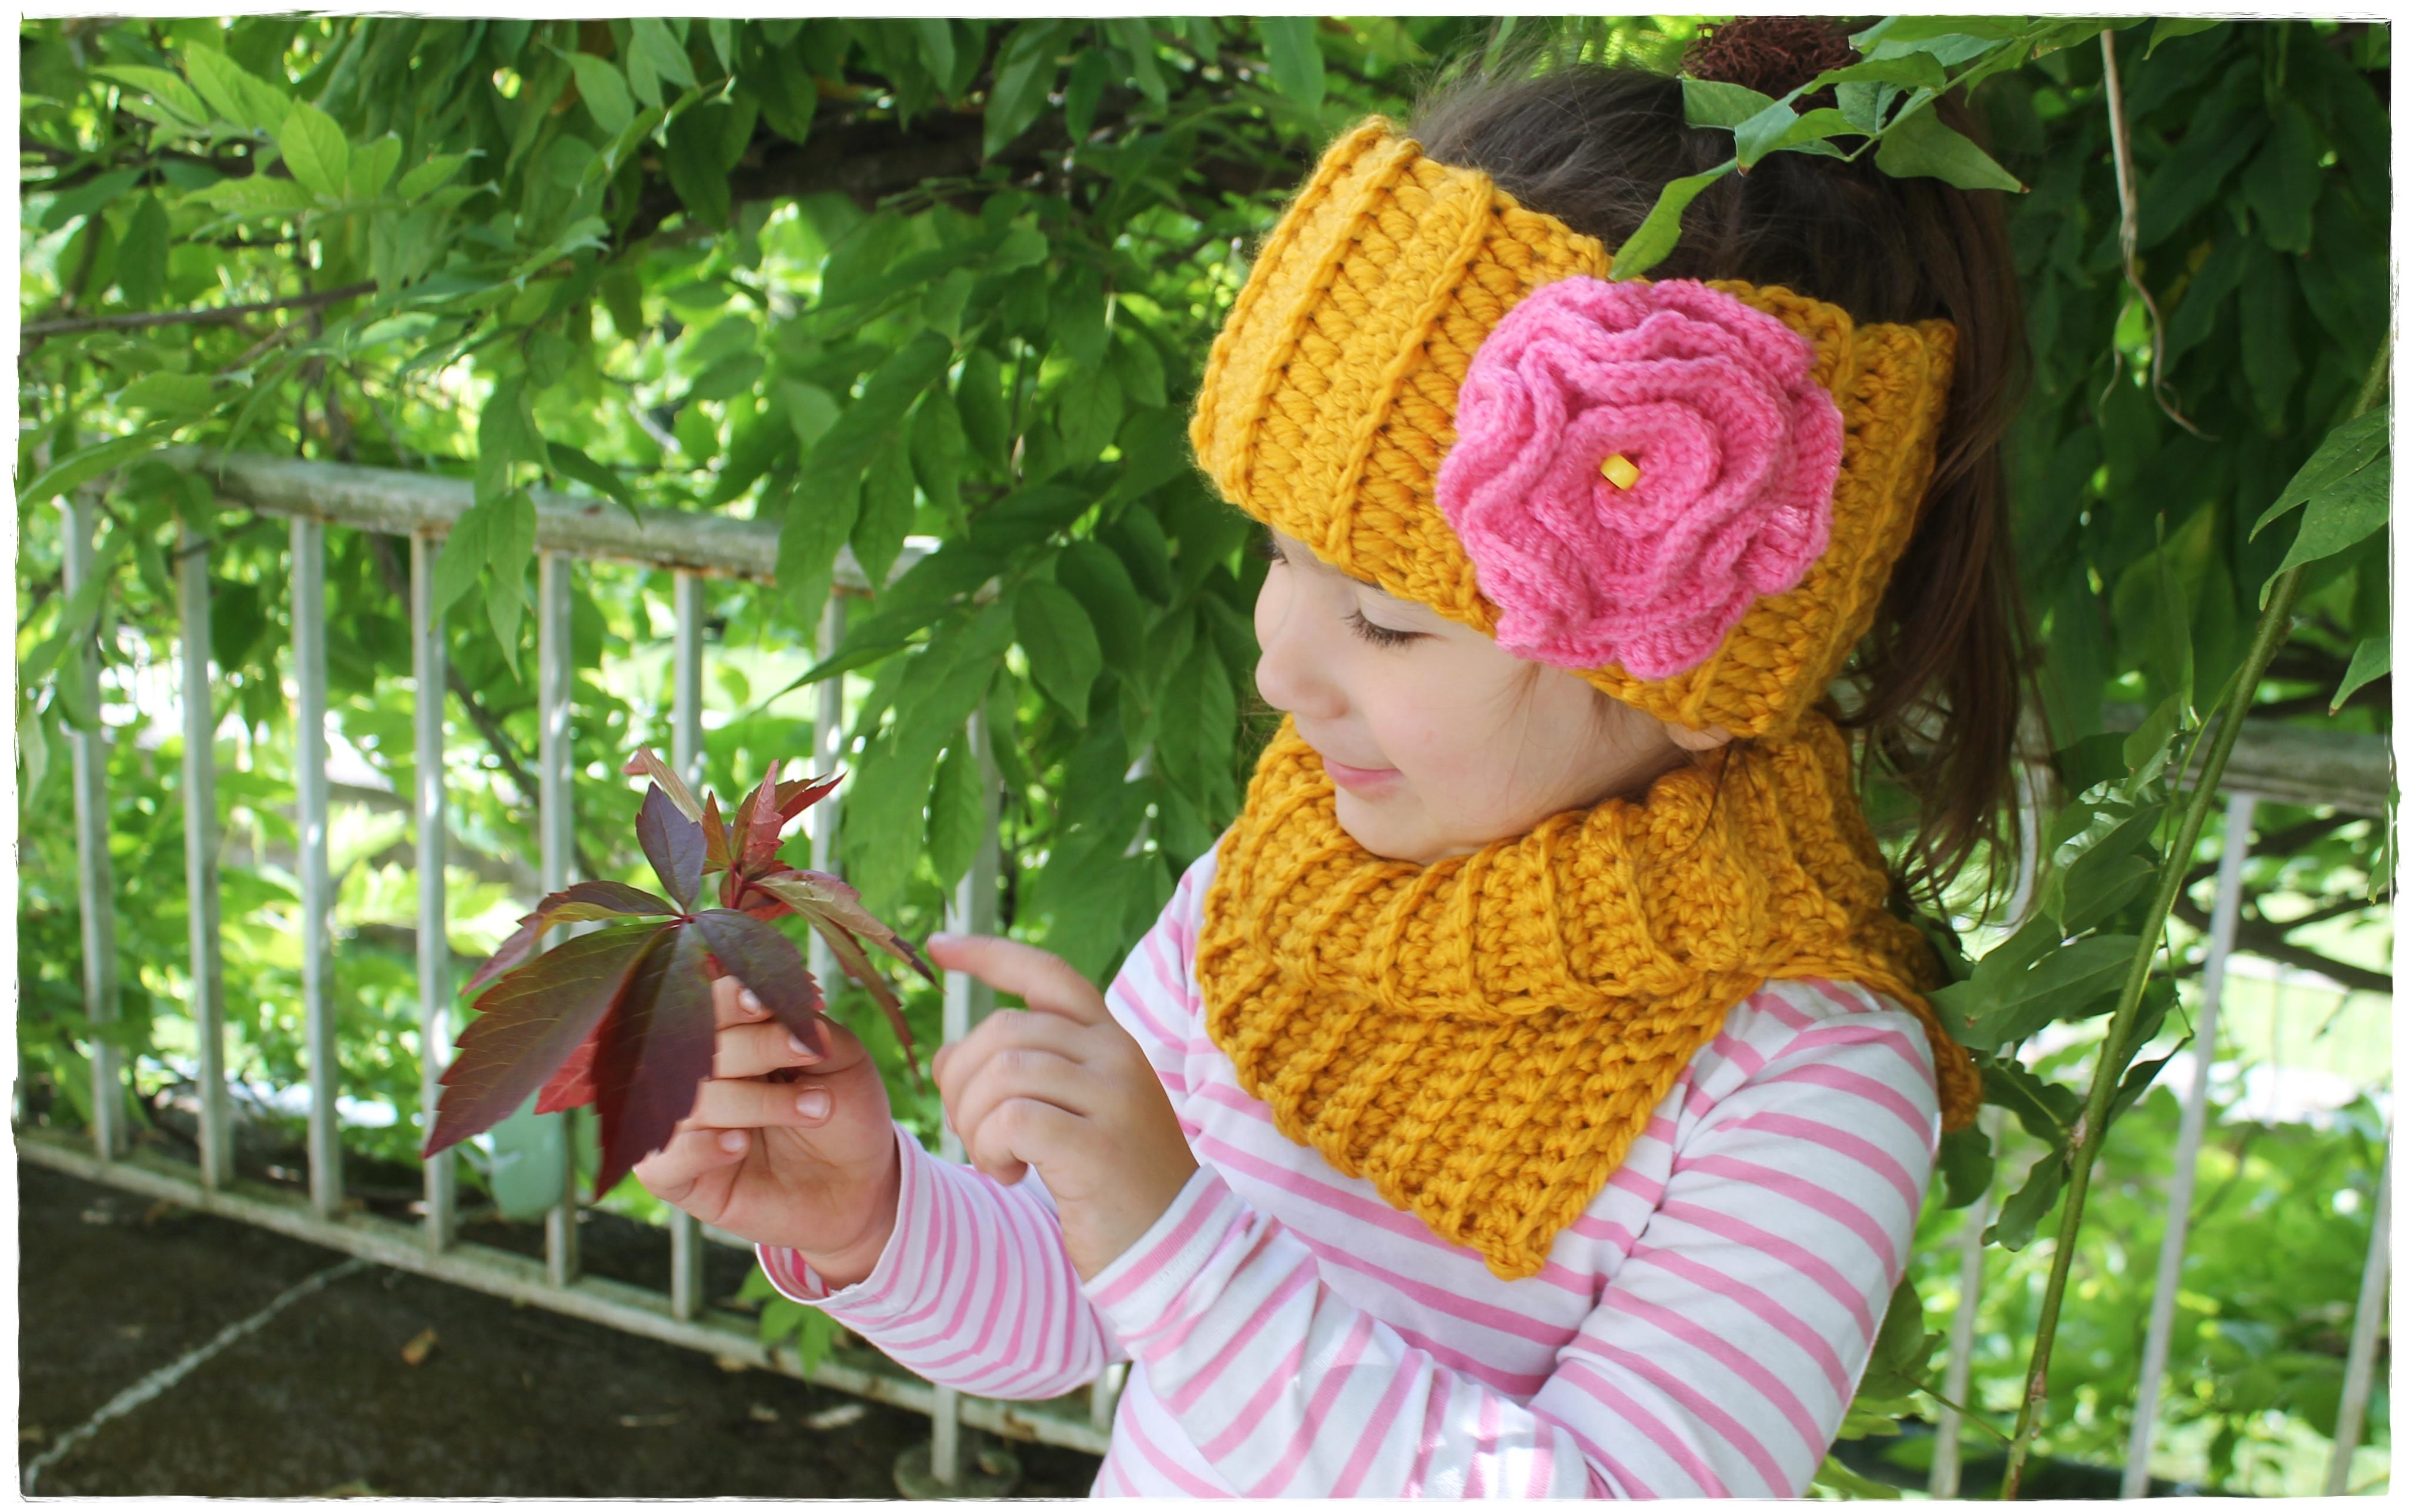 Kleidung für Kinder häkeln (exklusive Empfehlungen) - Empfehlungen Forum